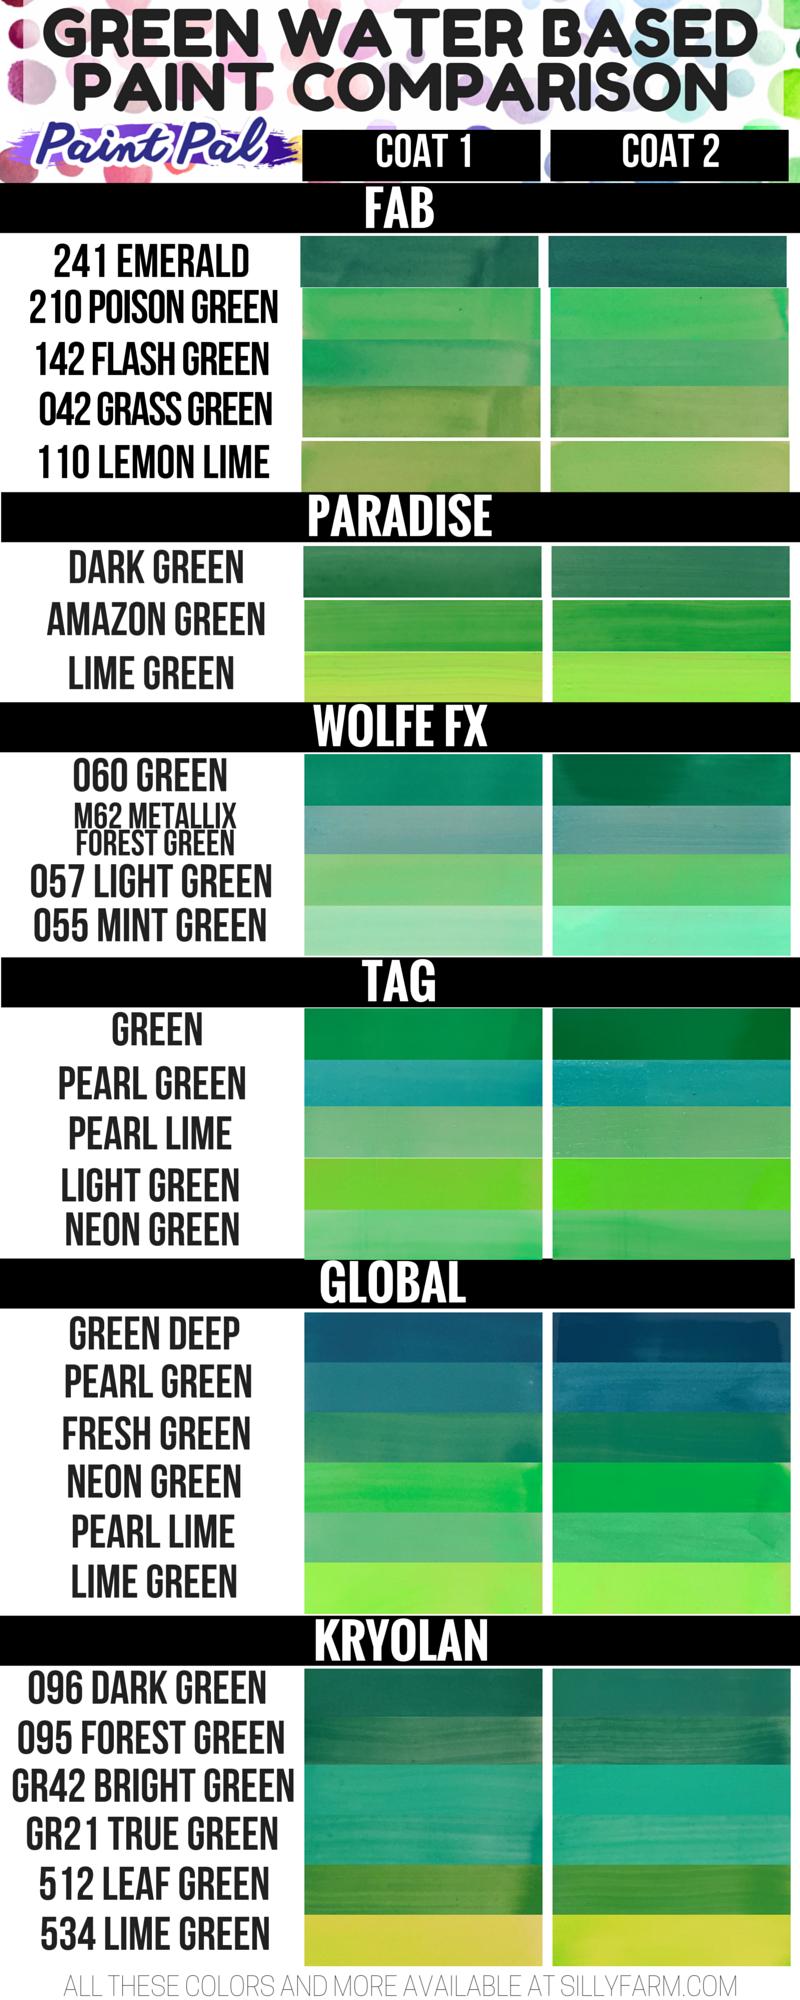 Paint Color Comparison Chart By Brand